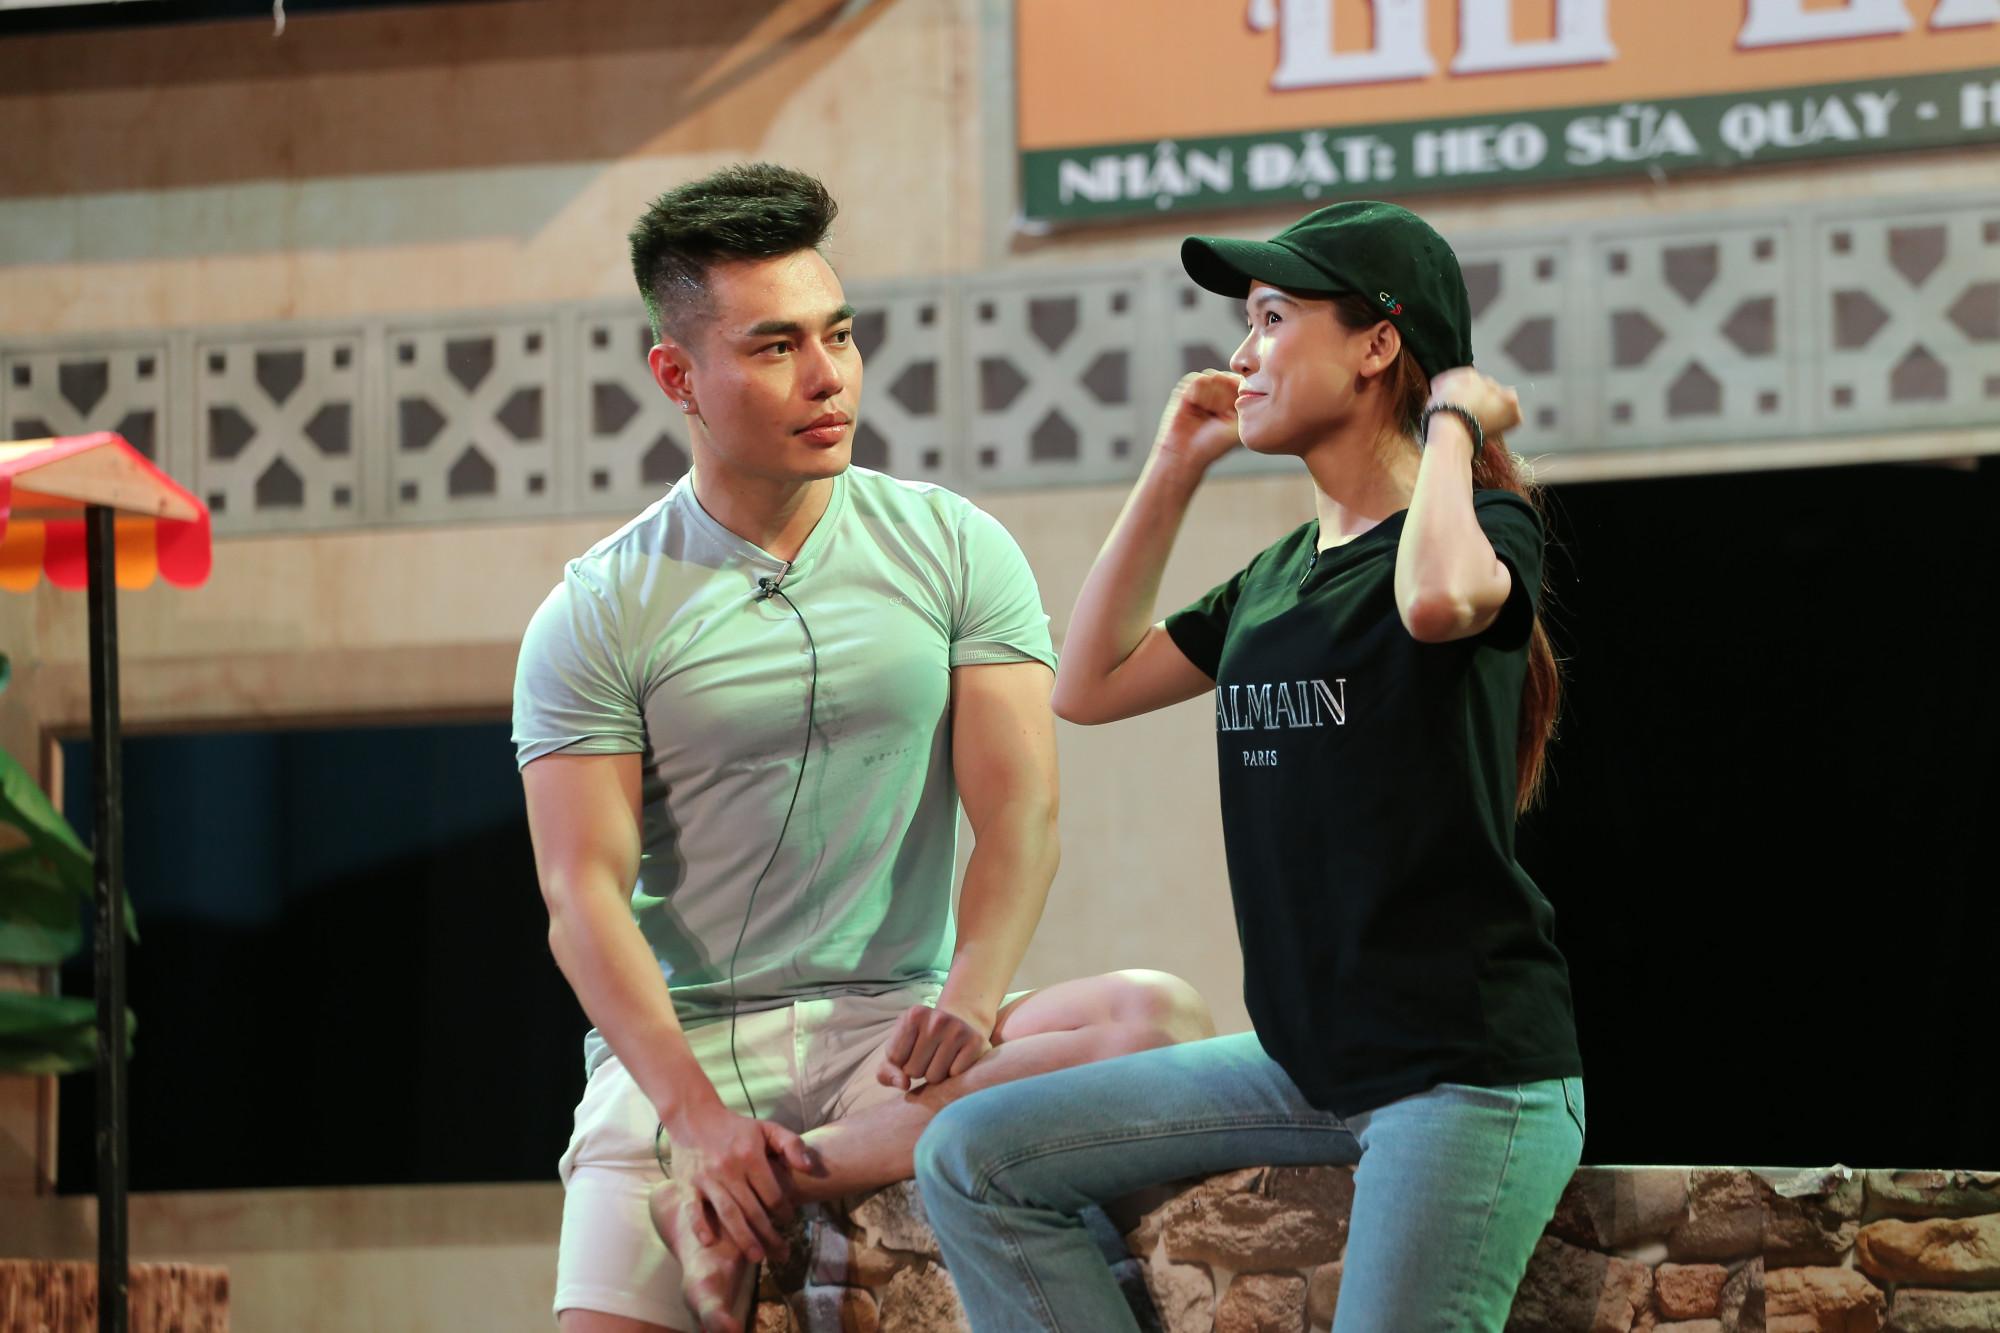 Các nghệ sĩ đang ráo riết tập luyện để công diễn vở kịch vào đúng ngày Mùng 1 Tết Nguyên đán.